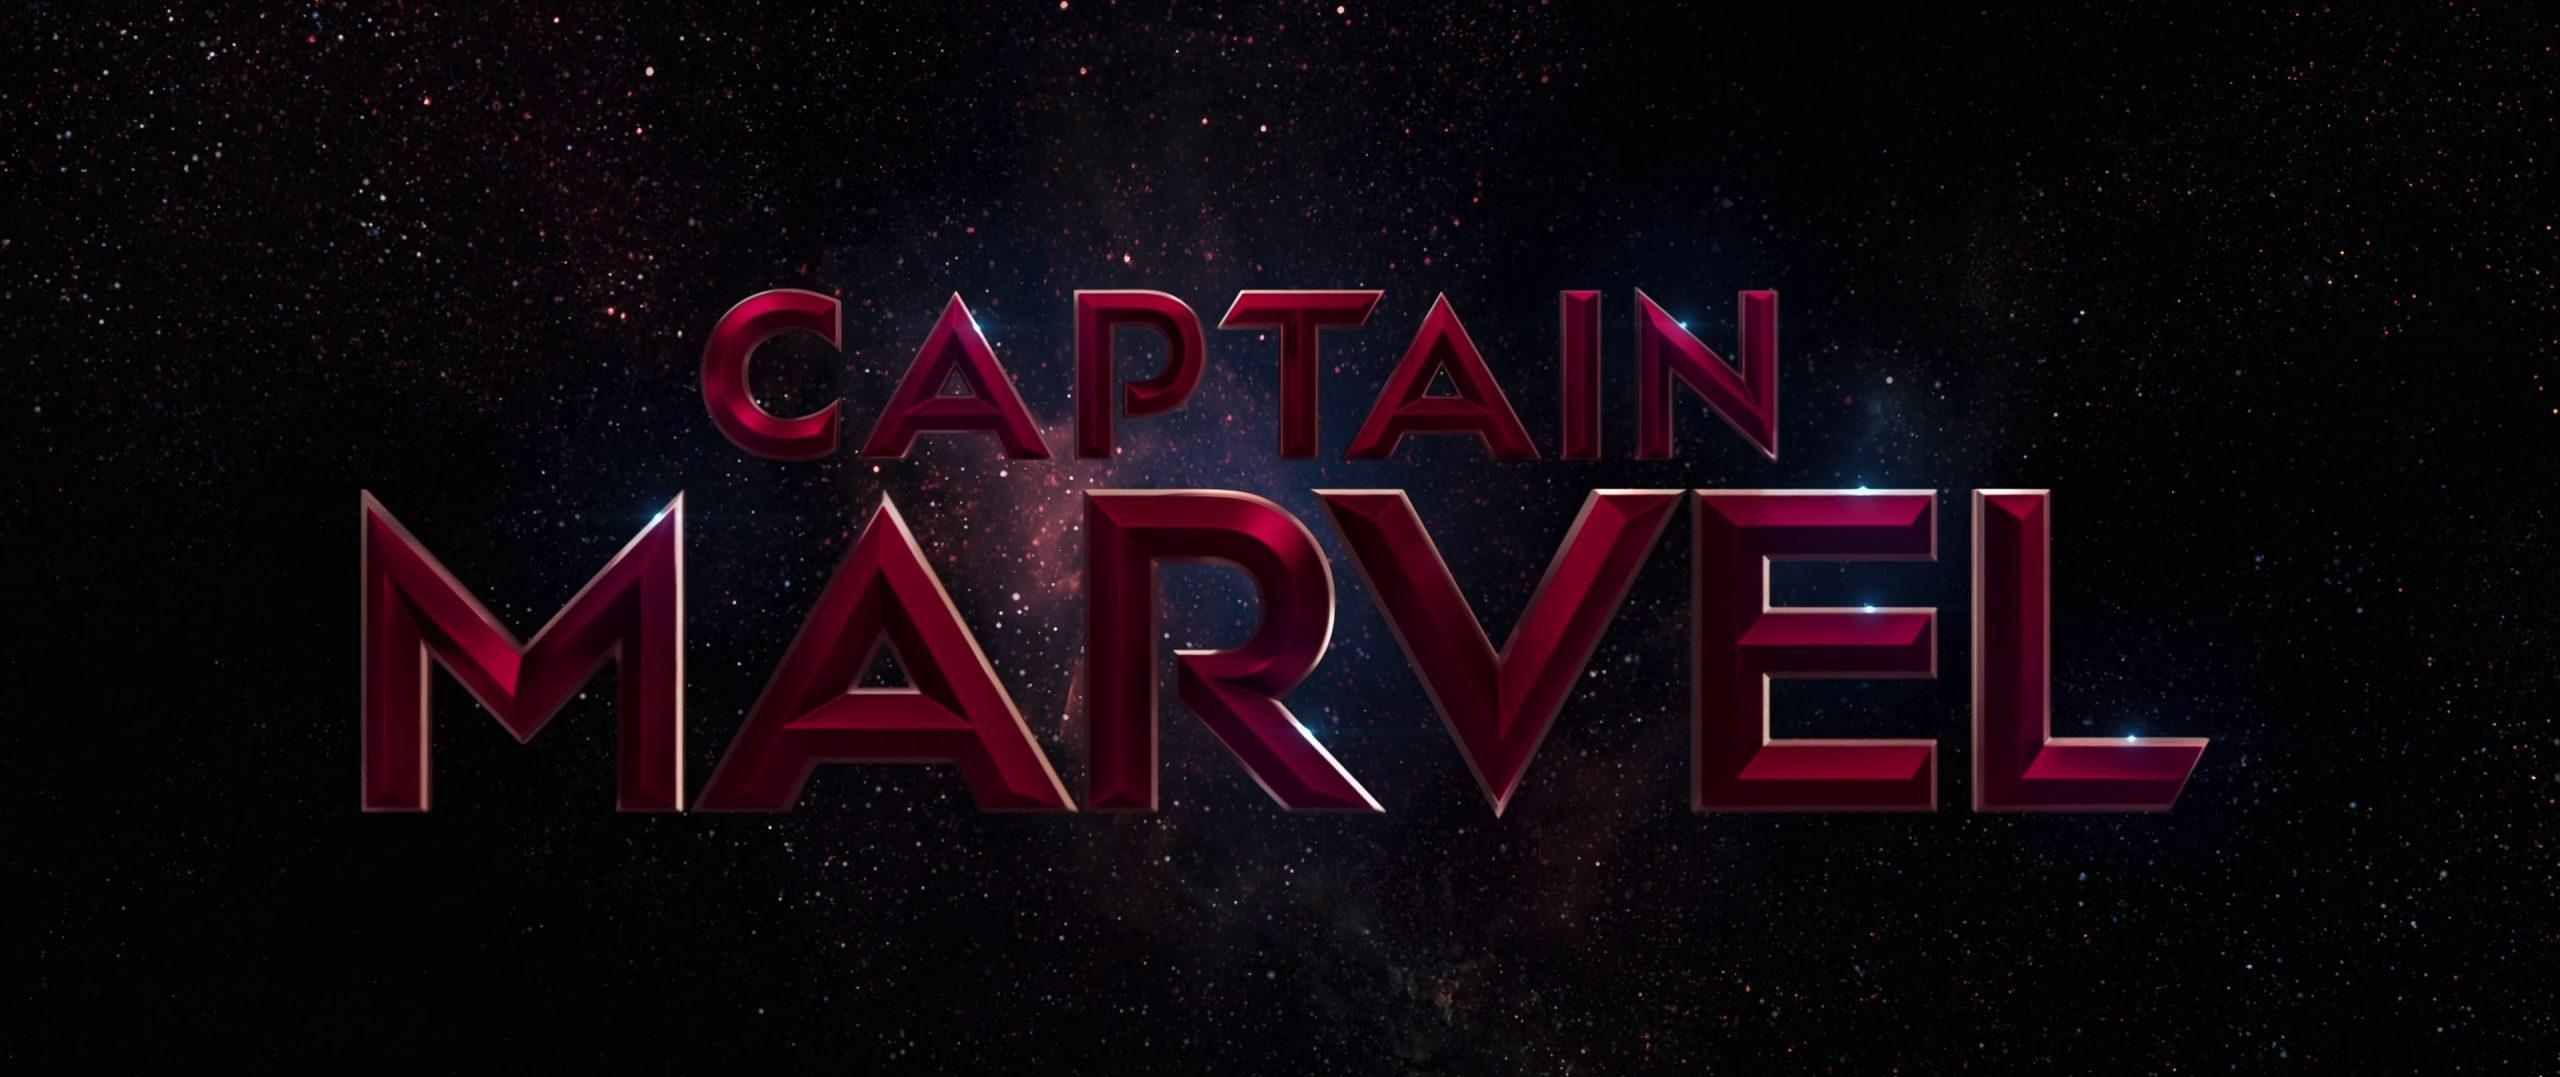 Captain Marvel (2019) [4K]